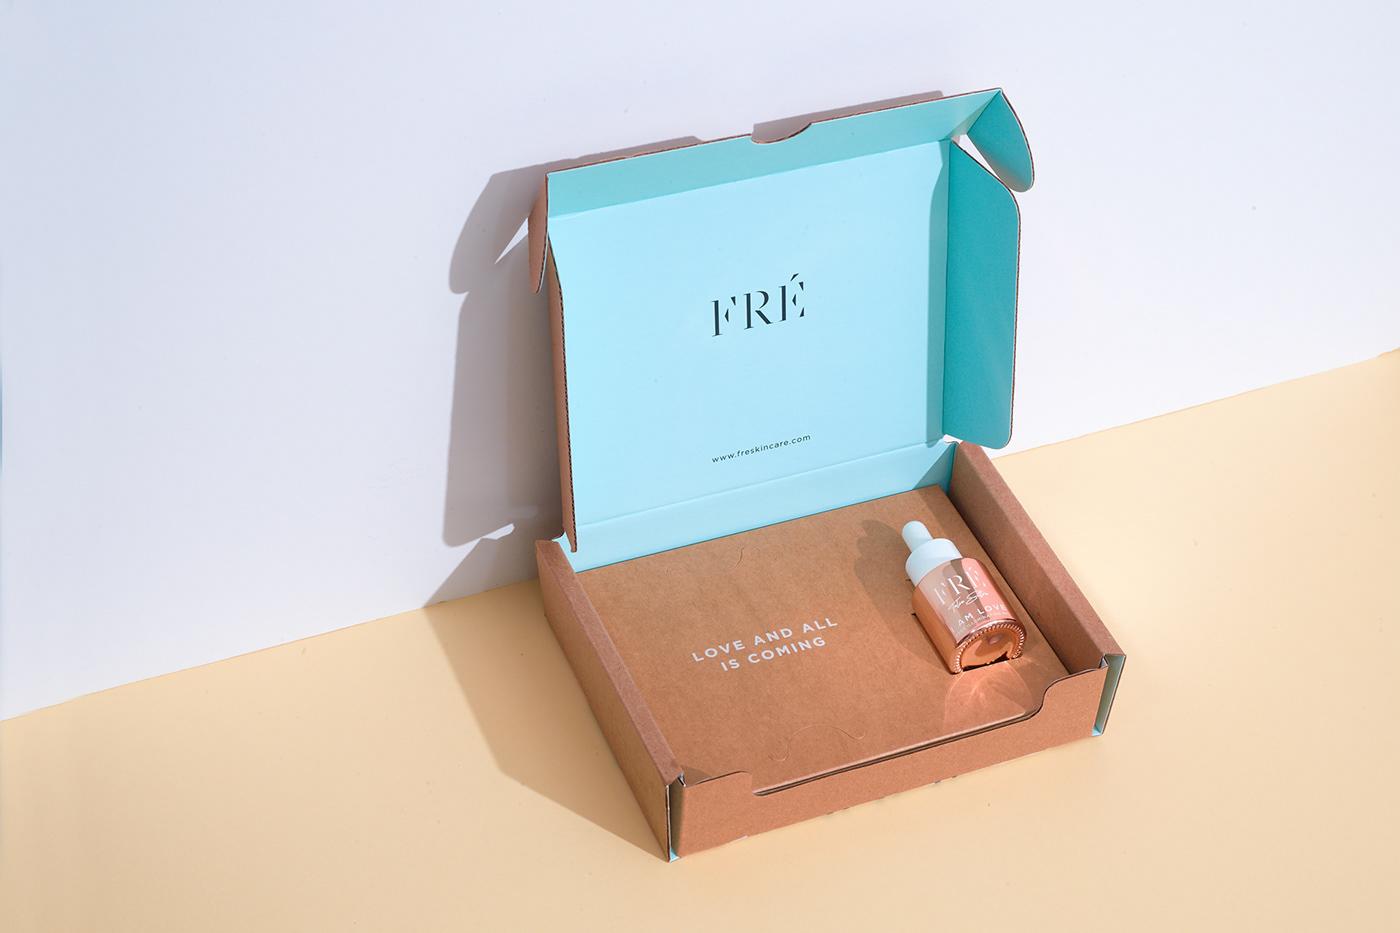 argan oil branding  graphic design  packaging design Rose Gold skincare Logo Design Dekel j.Maimon Dov Kroll